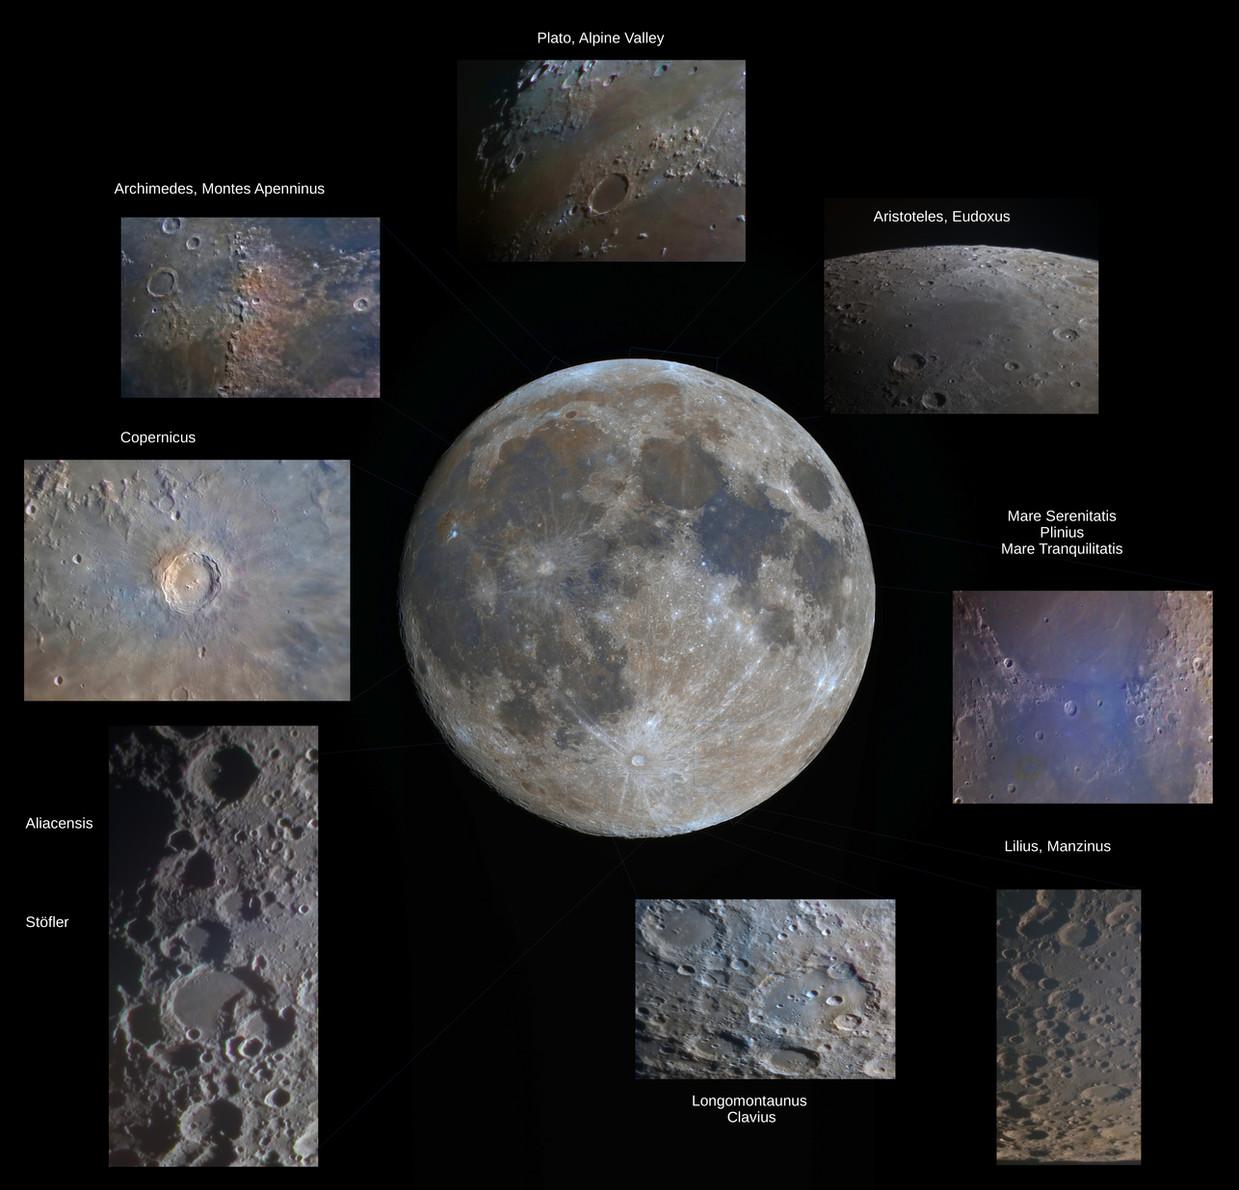 moon close up images: copernicus, aristoteles, Eudoxus, plato, clavius, alpine valley